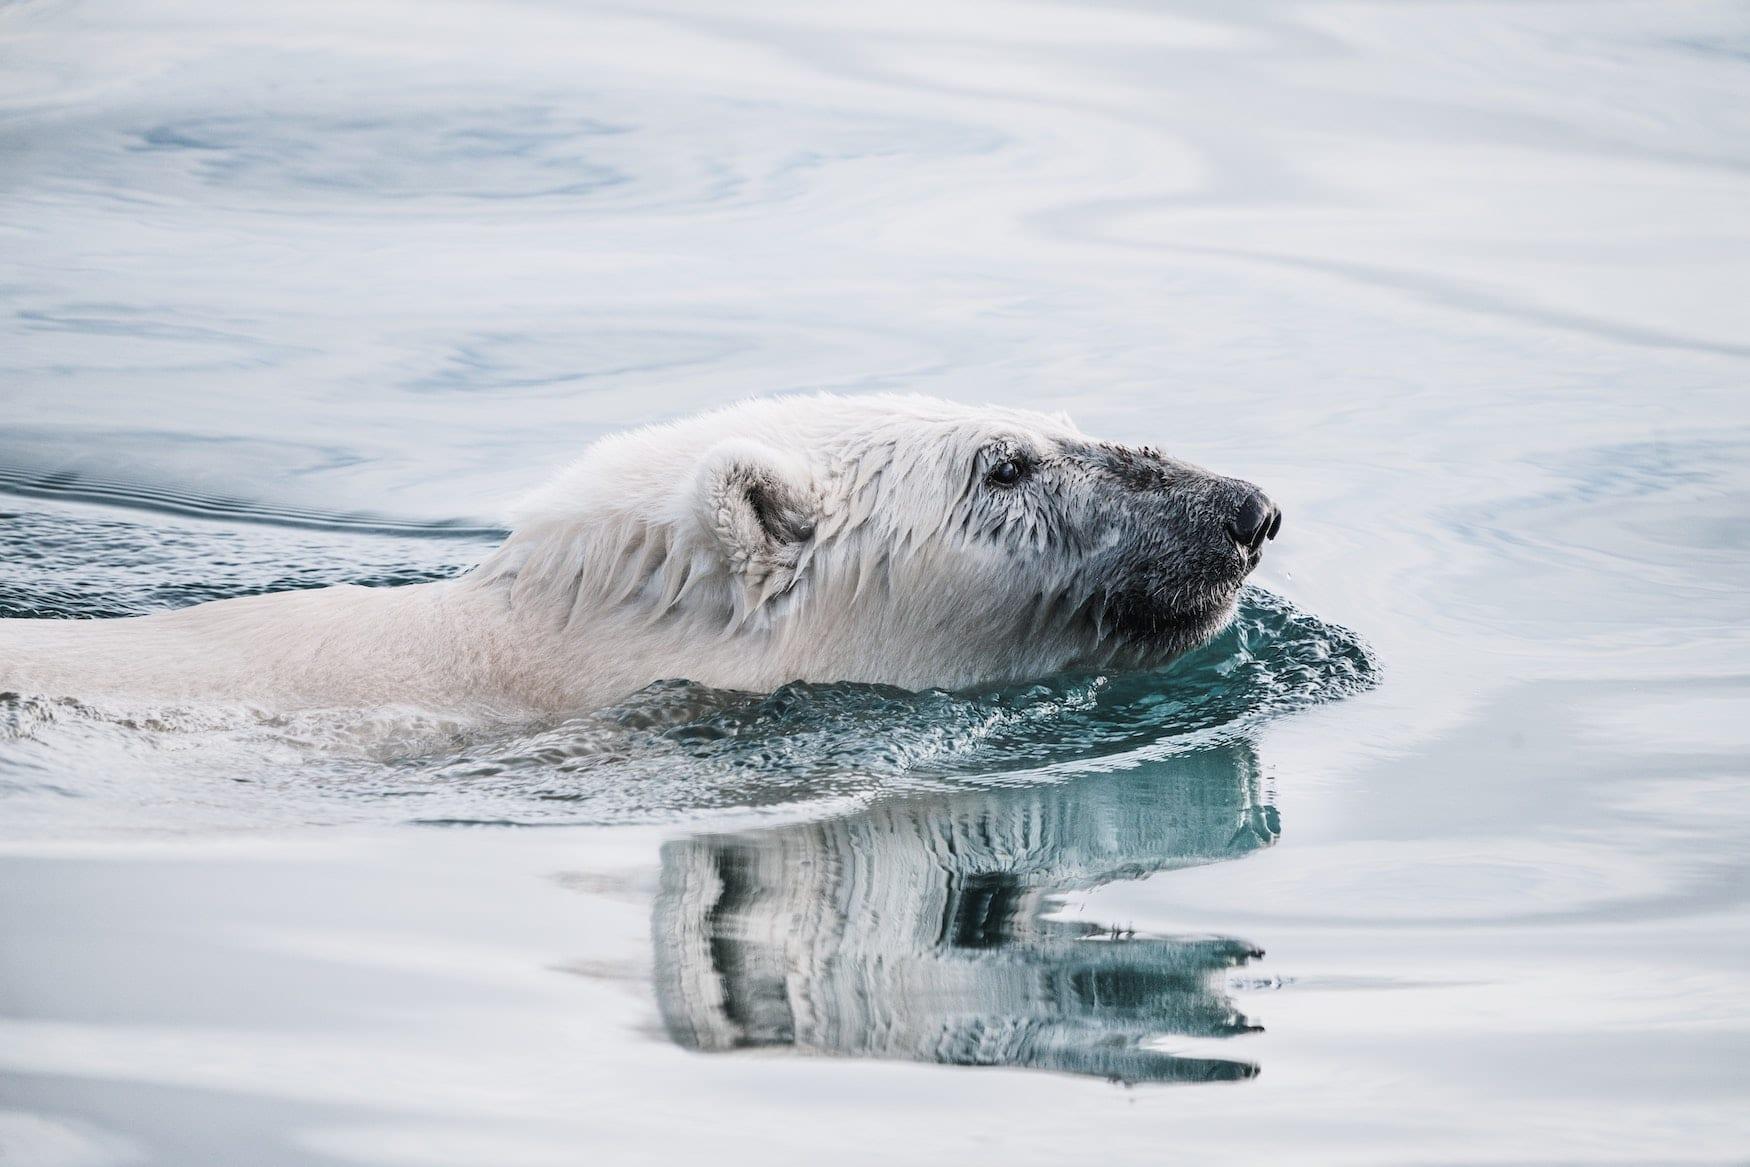 Schnauze von Eisbär guckt aus dem Wasser. Er schwimmt durchs Meer